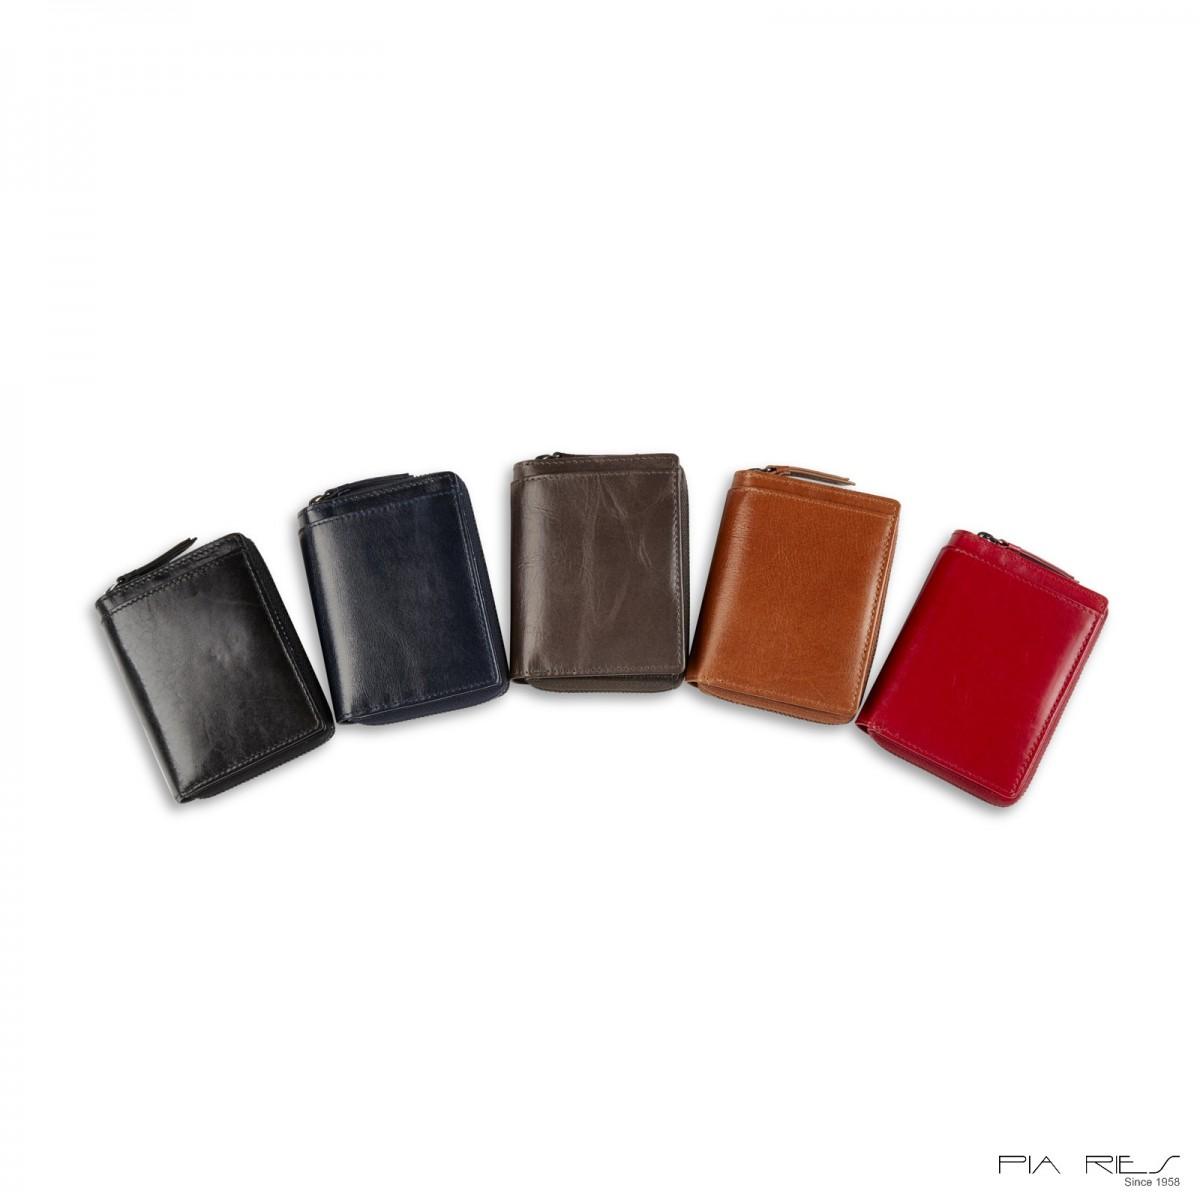 Lille pung til kort og mønter-34